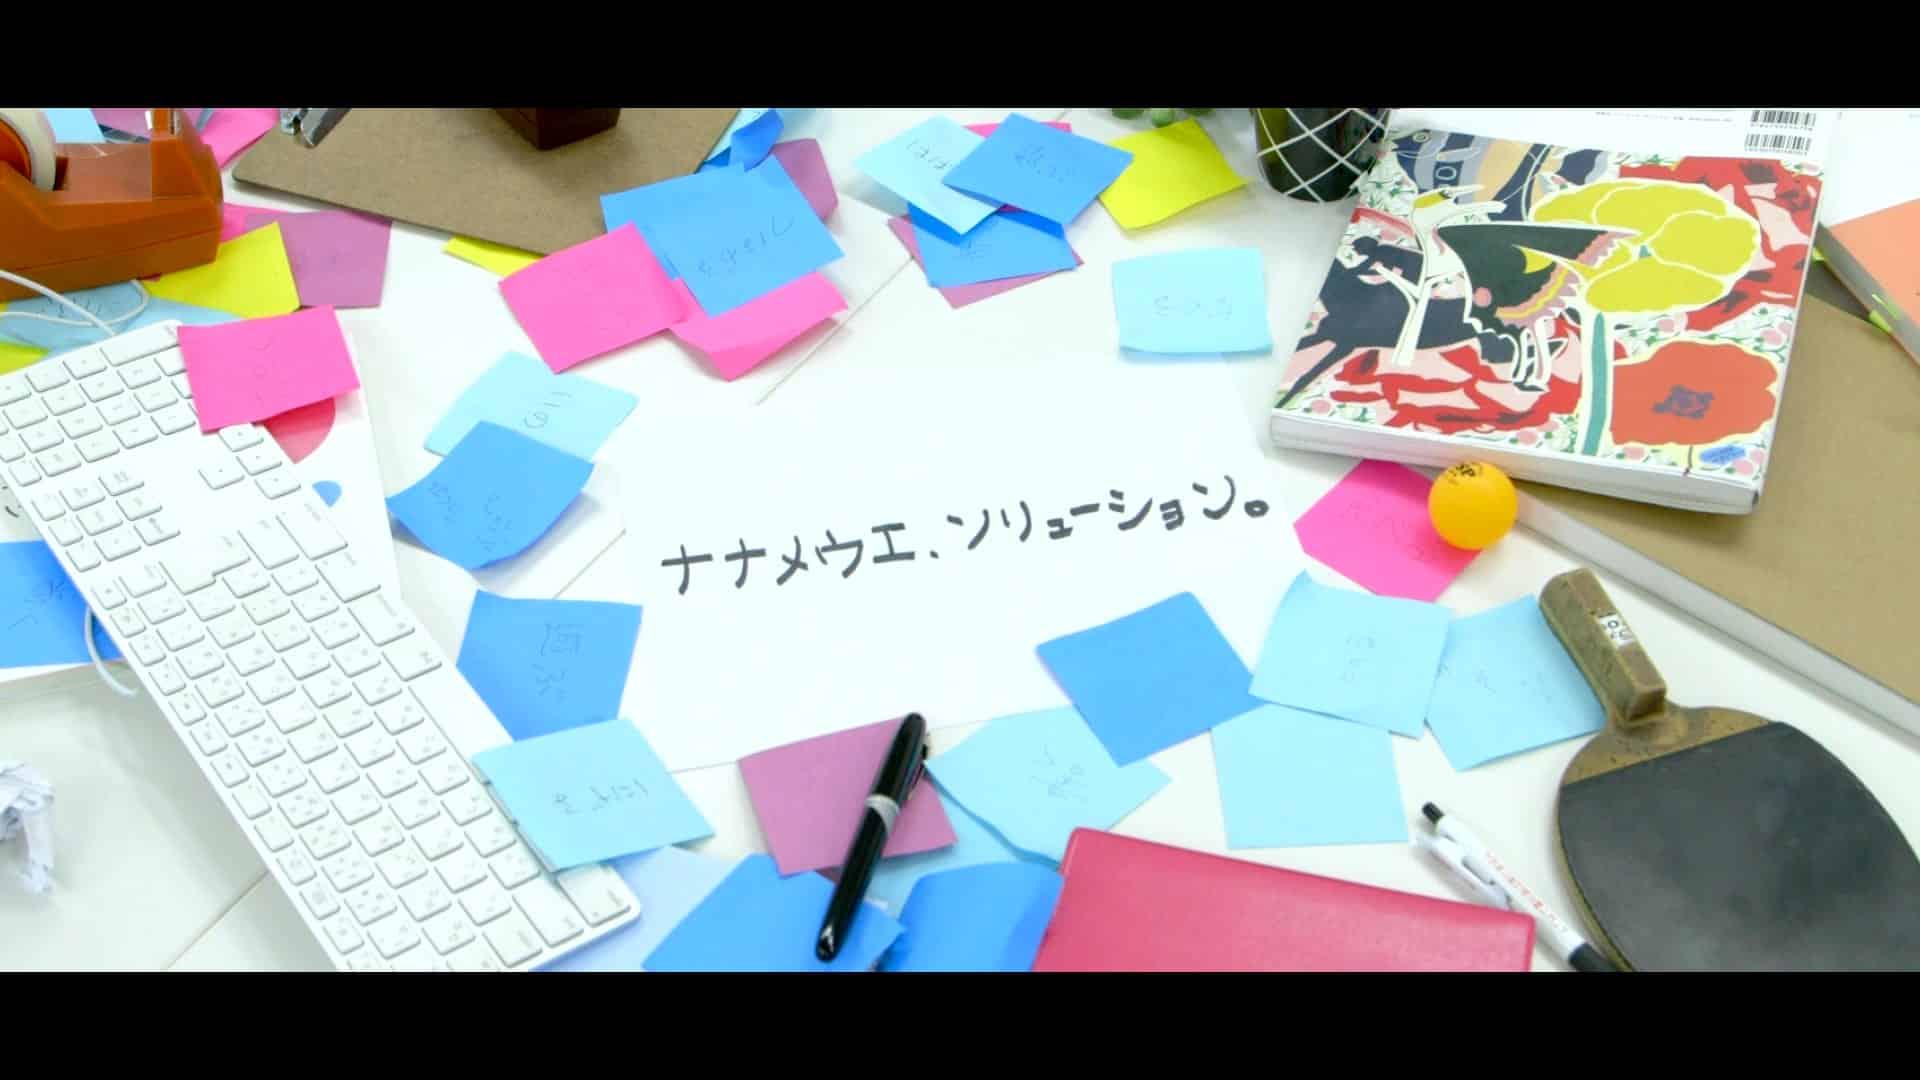 スギタプリディア様のリクルート用動画を制作いたしました。